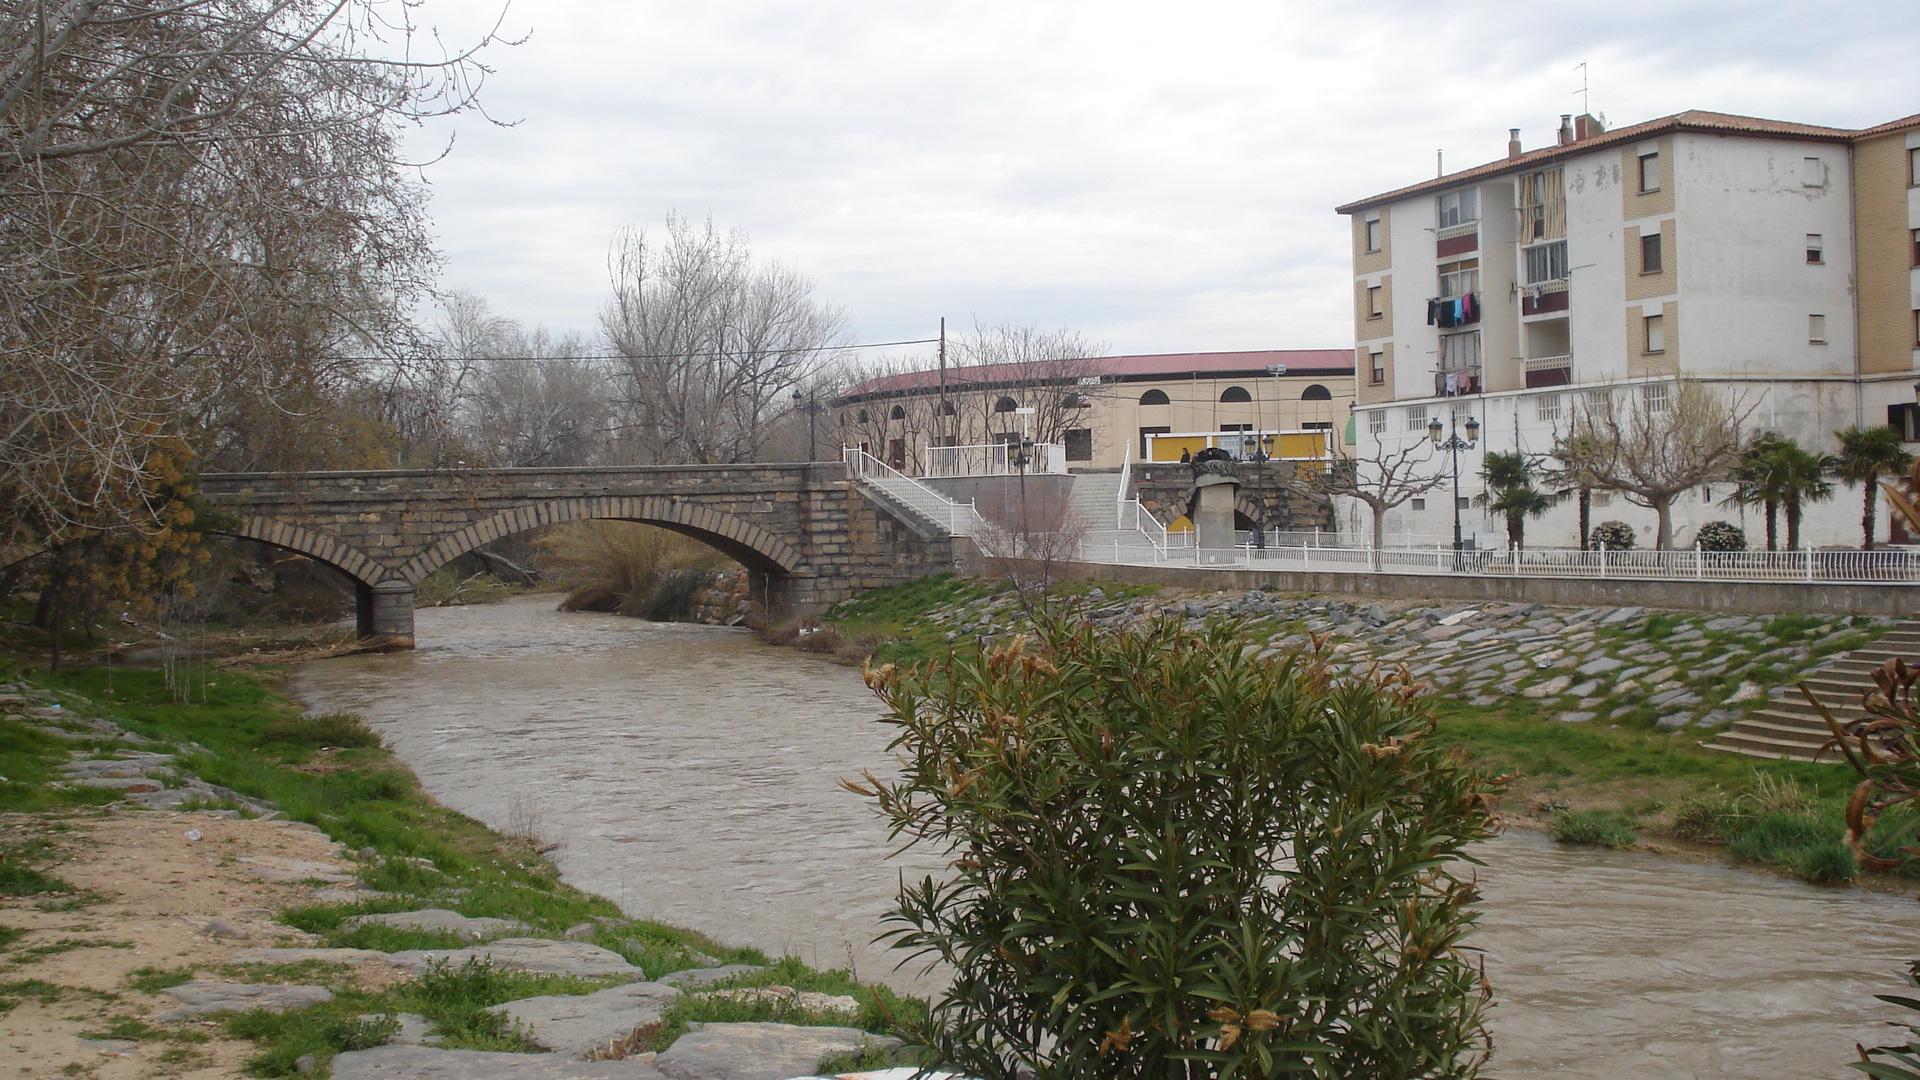 Puente, Parque de Goya y Plaza de Toros